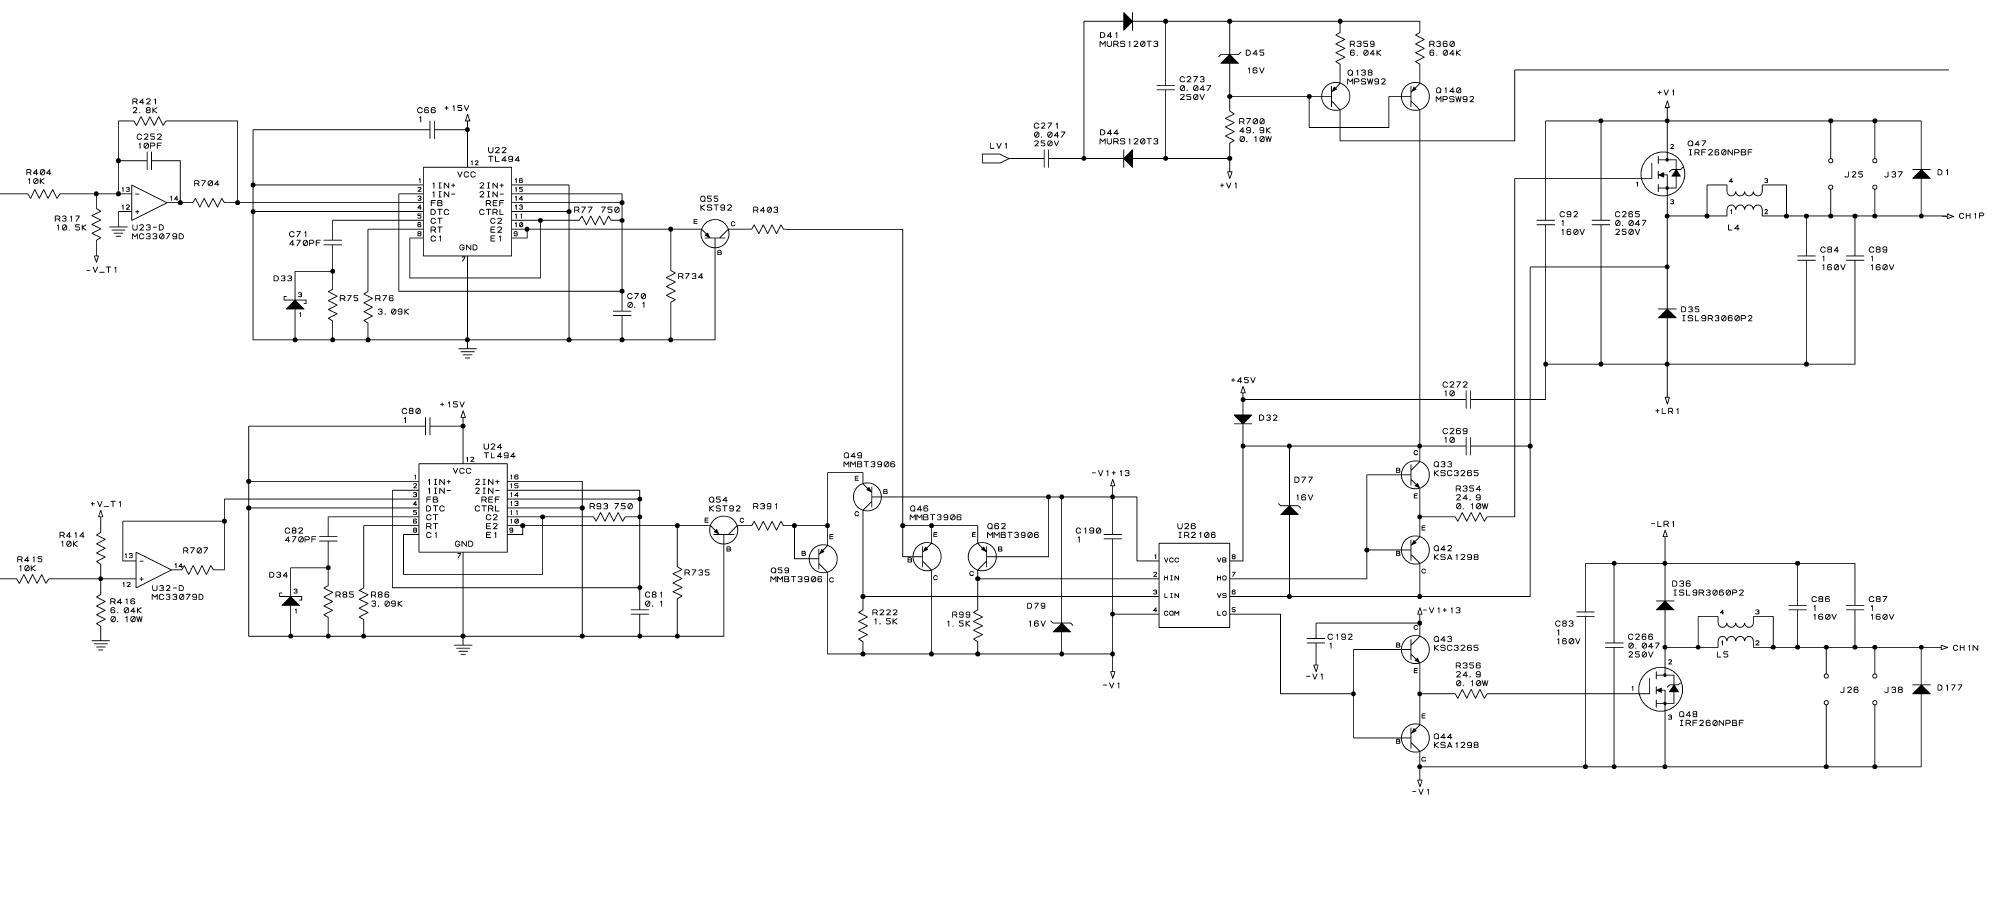 усилитель ucd на irs20955 схема